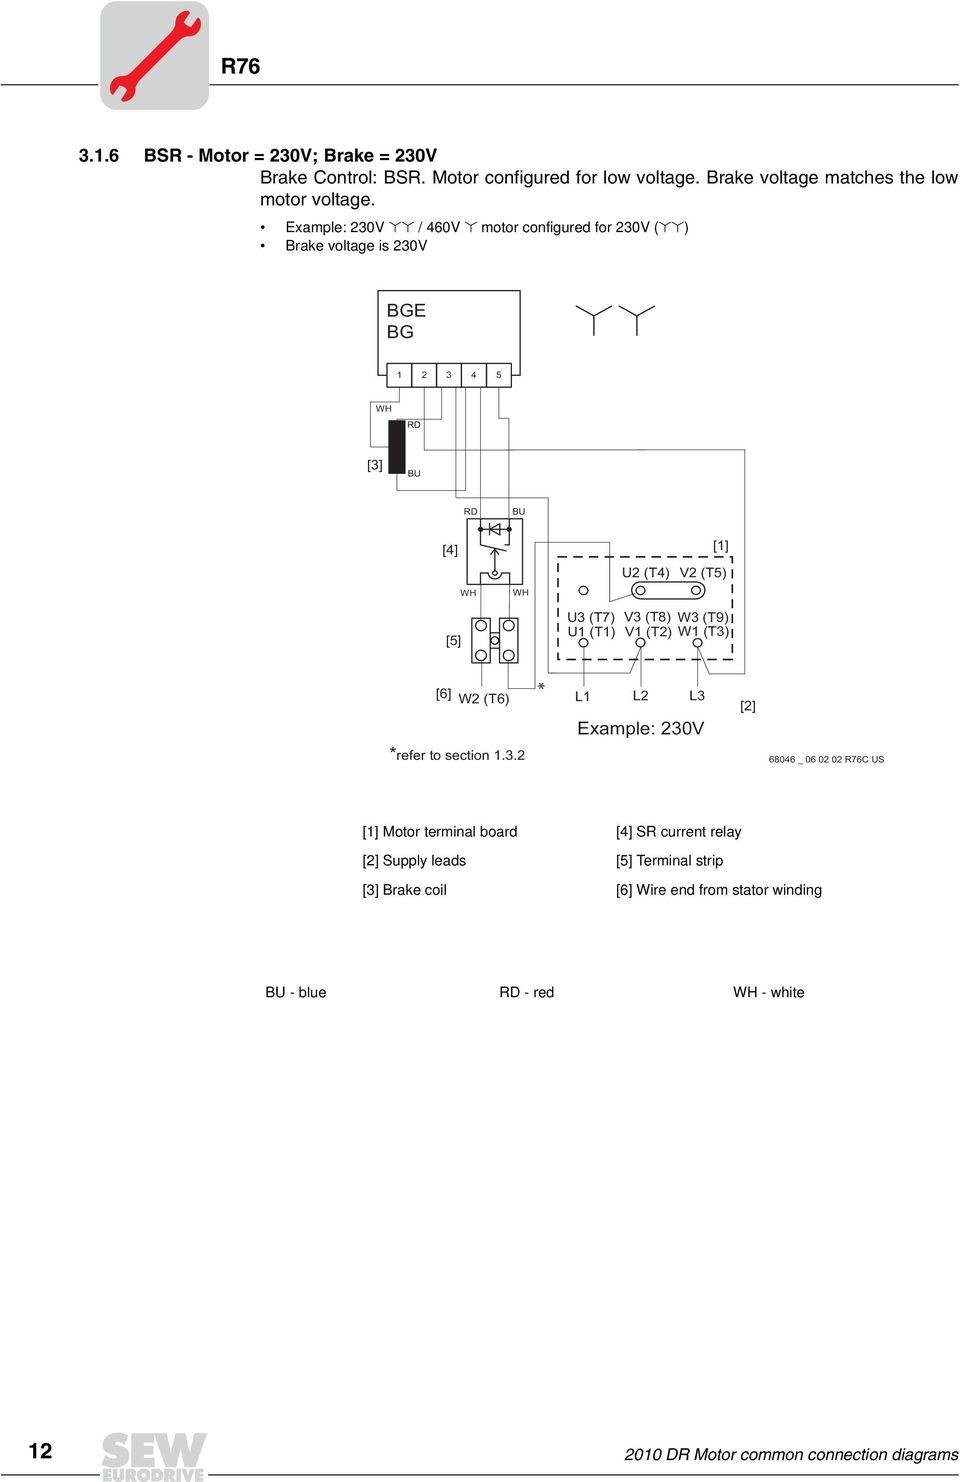 hight resolution of example 230v 460v motor configured for 230v brake voltage is 230v